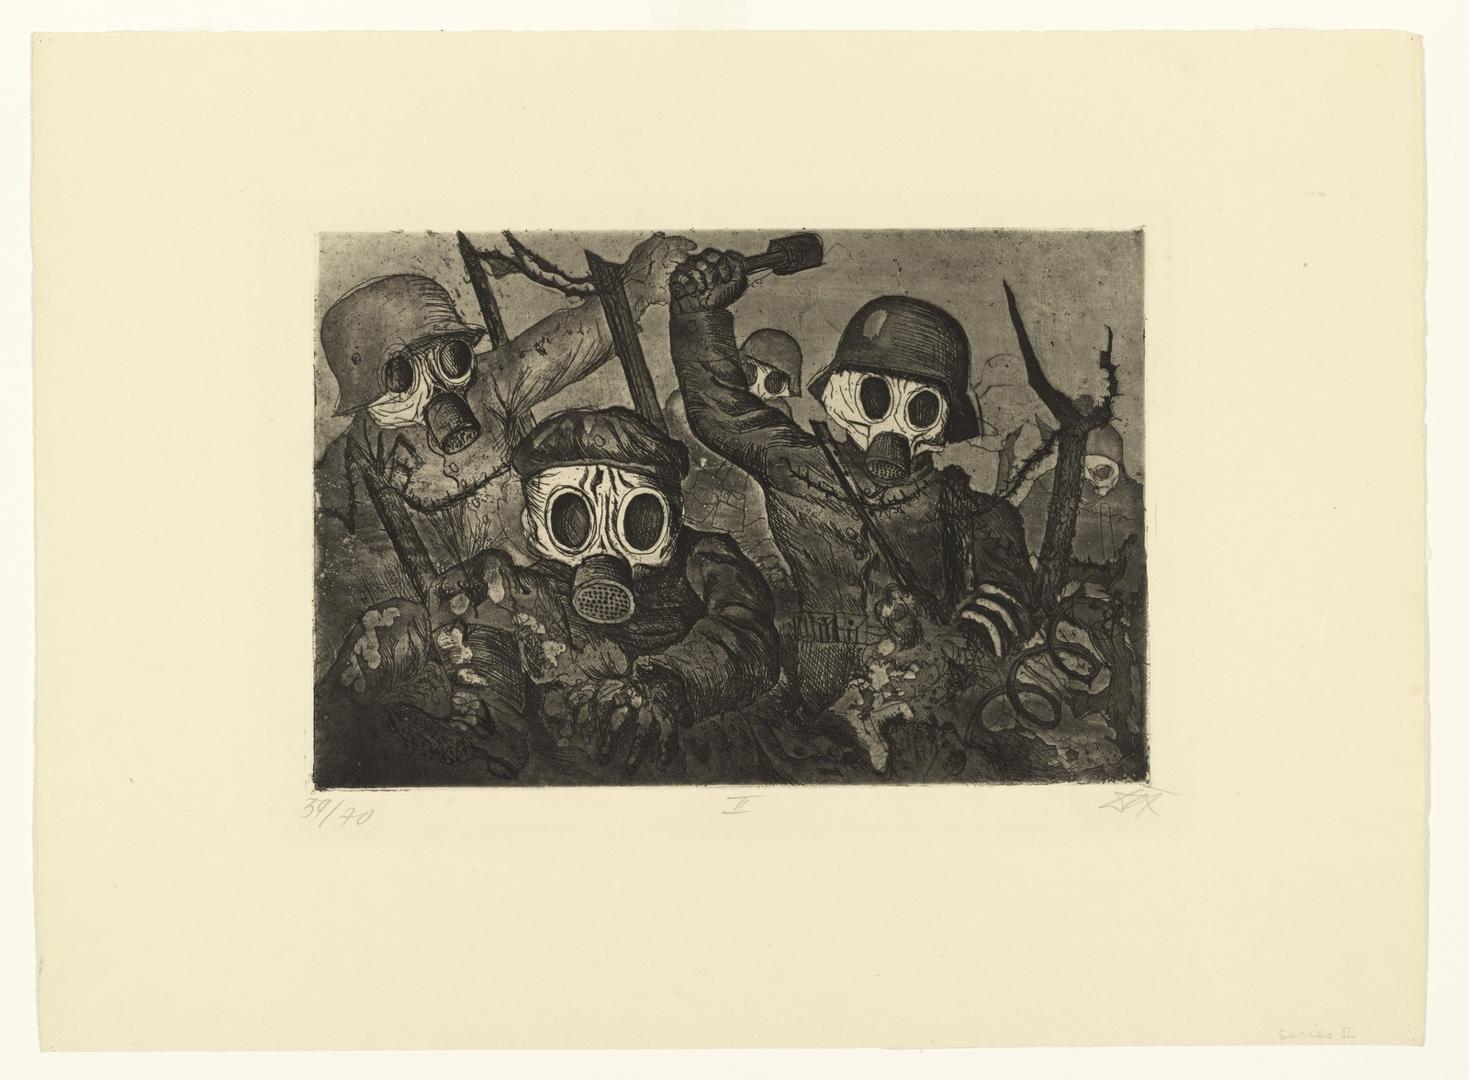 Shock Troops Advance under Gas (Sturmtruppe geht unter Gas vor) from the portfolio The War (Der Krieg). 1924 image